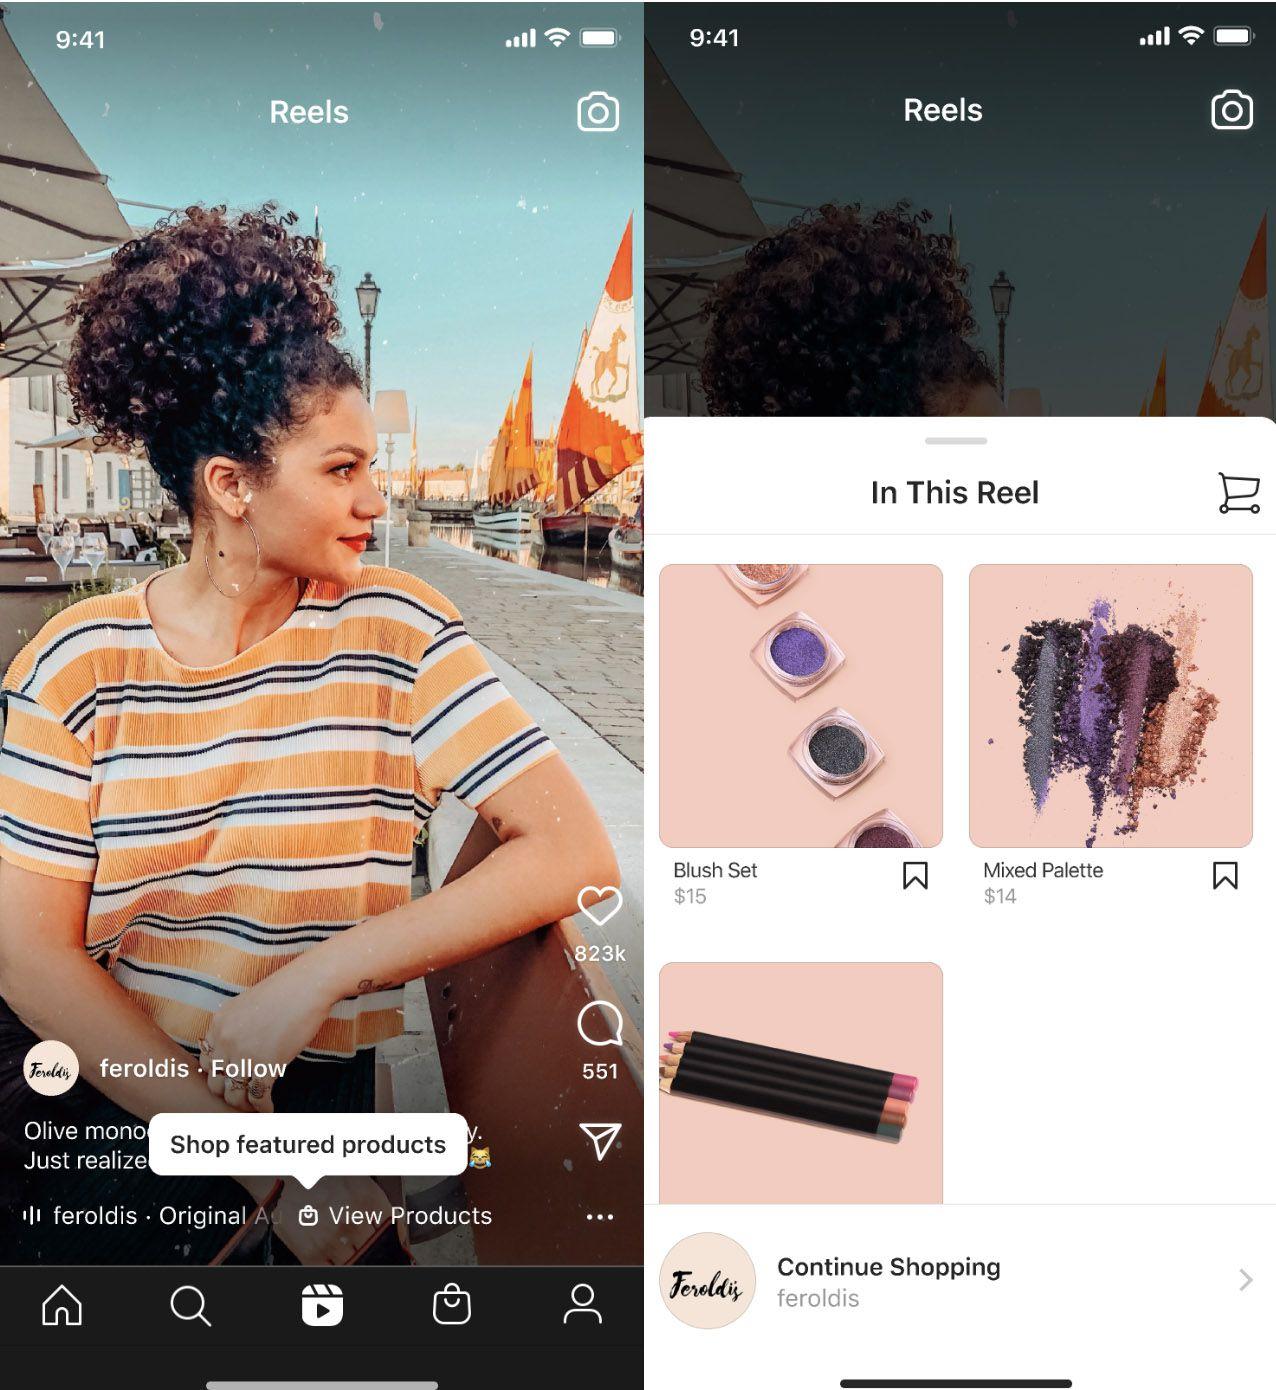 Aperçu de la fonctionnalité Shopping sur Instagram Reels.